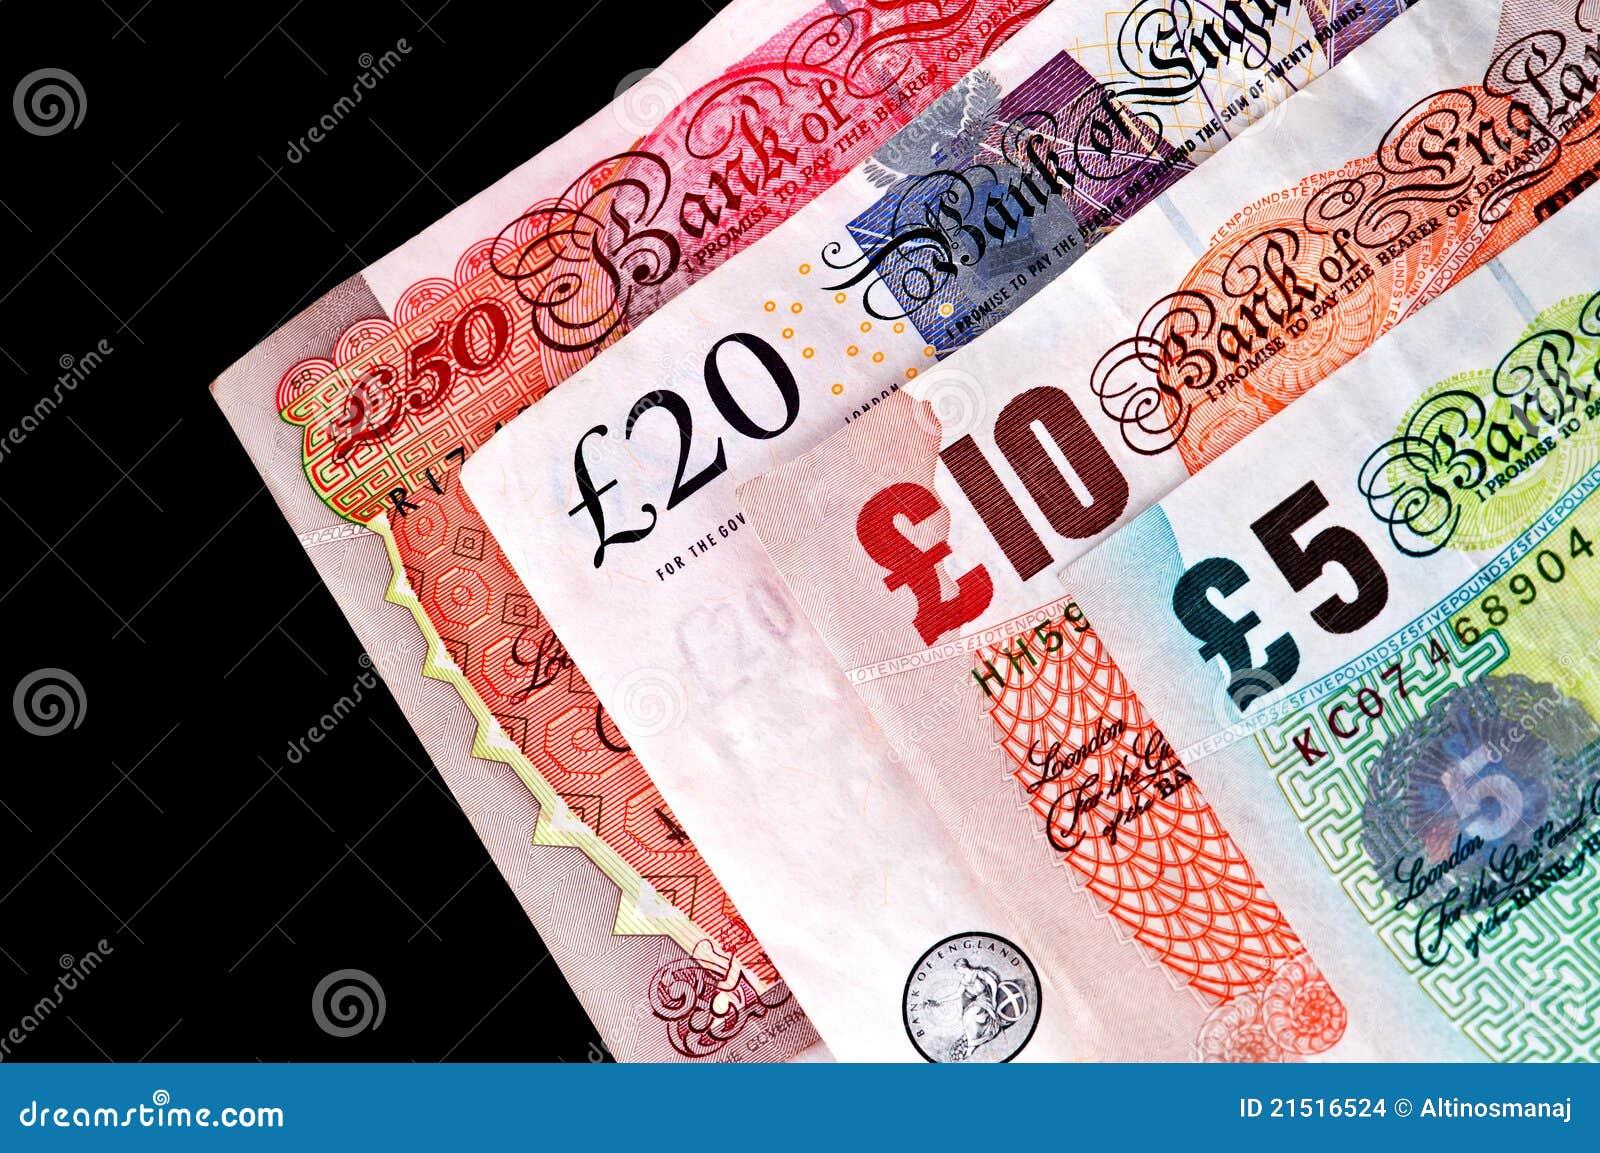 Billetes del dinero en circulación BRITÁNICO - billetes de banco.